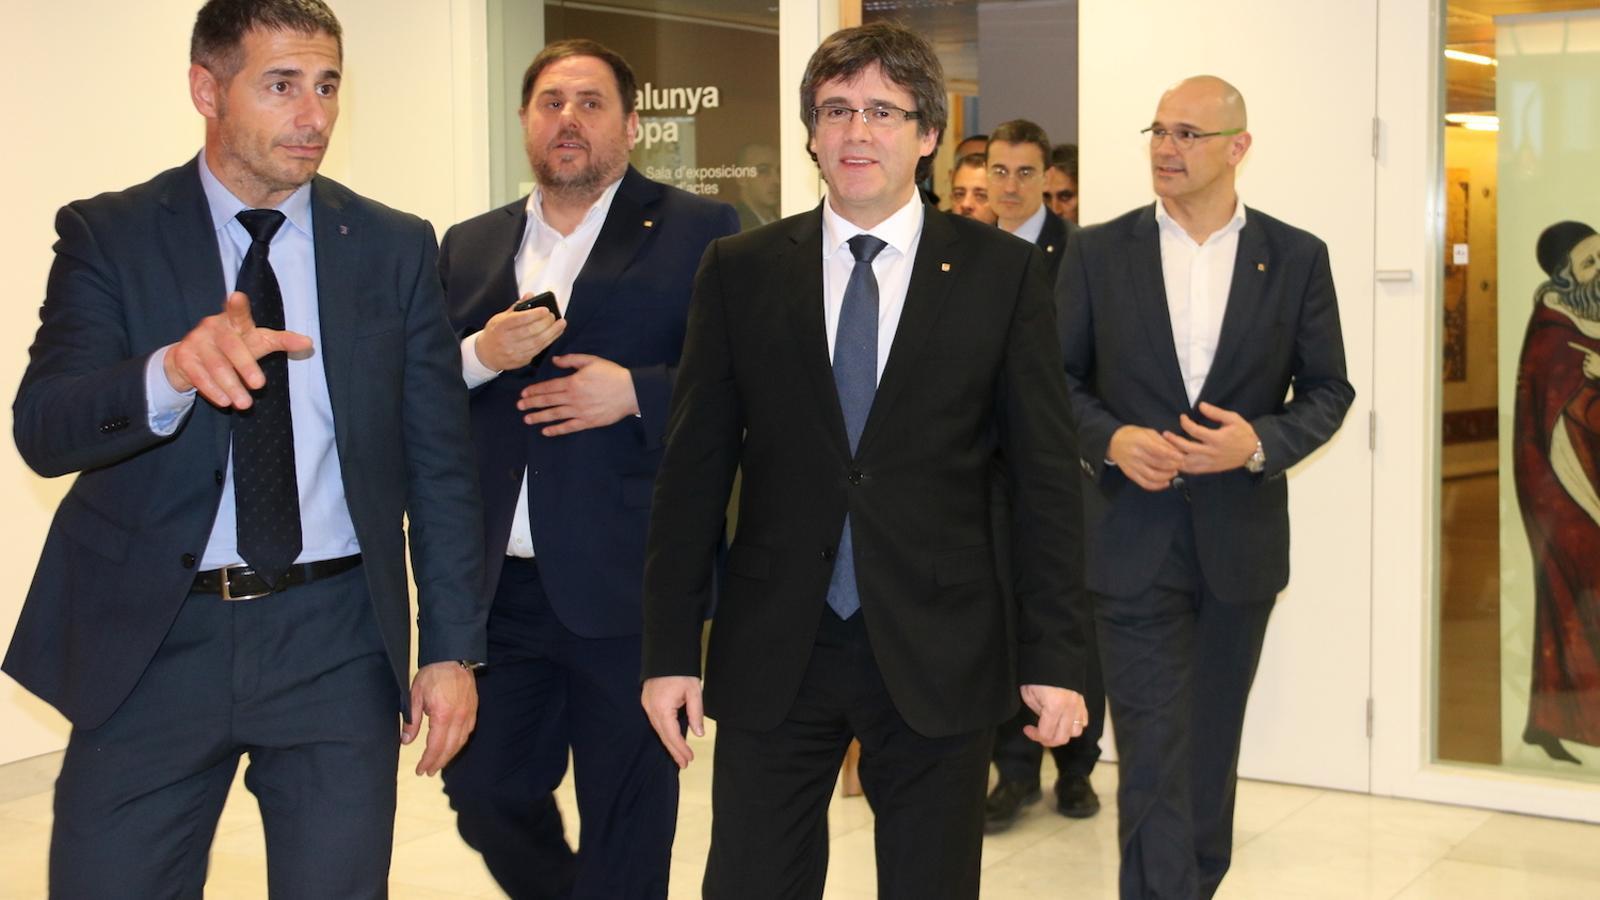 La conferència de Puigdemont a Brussel·les, en directe